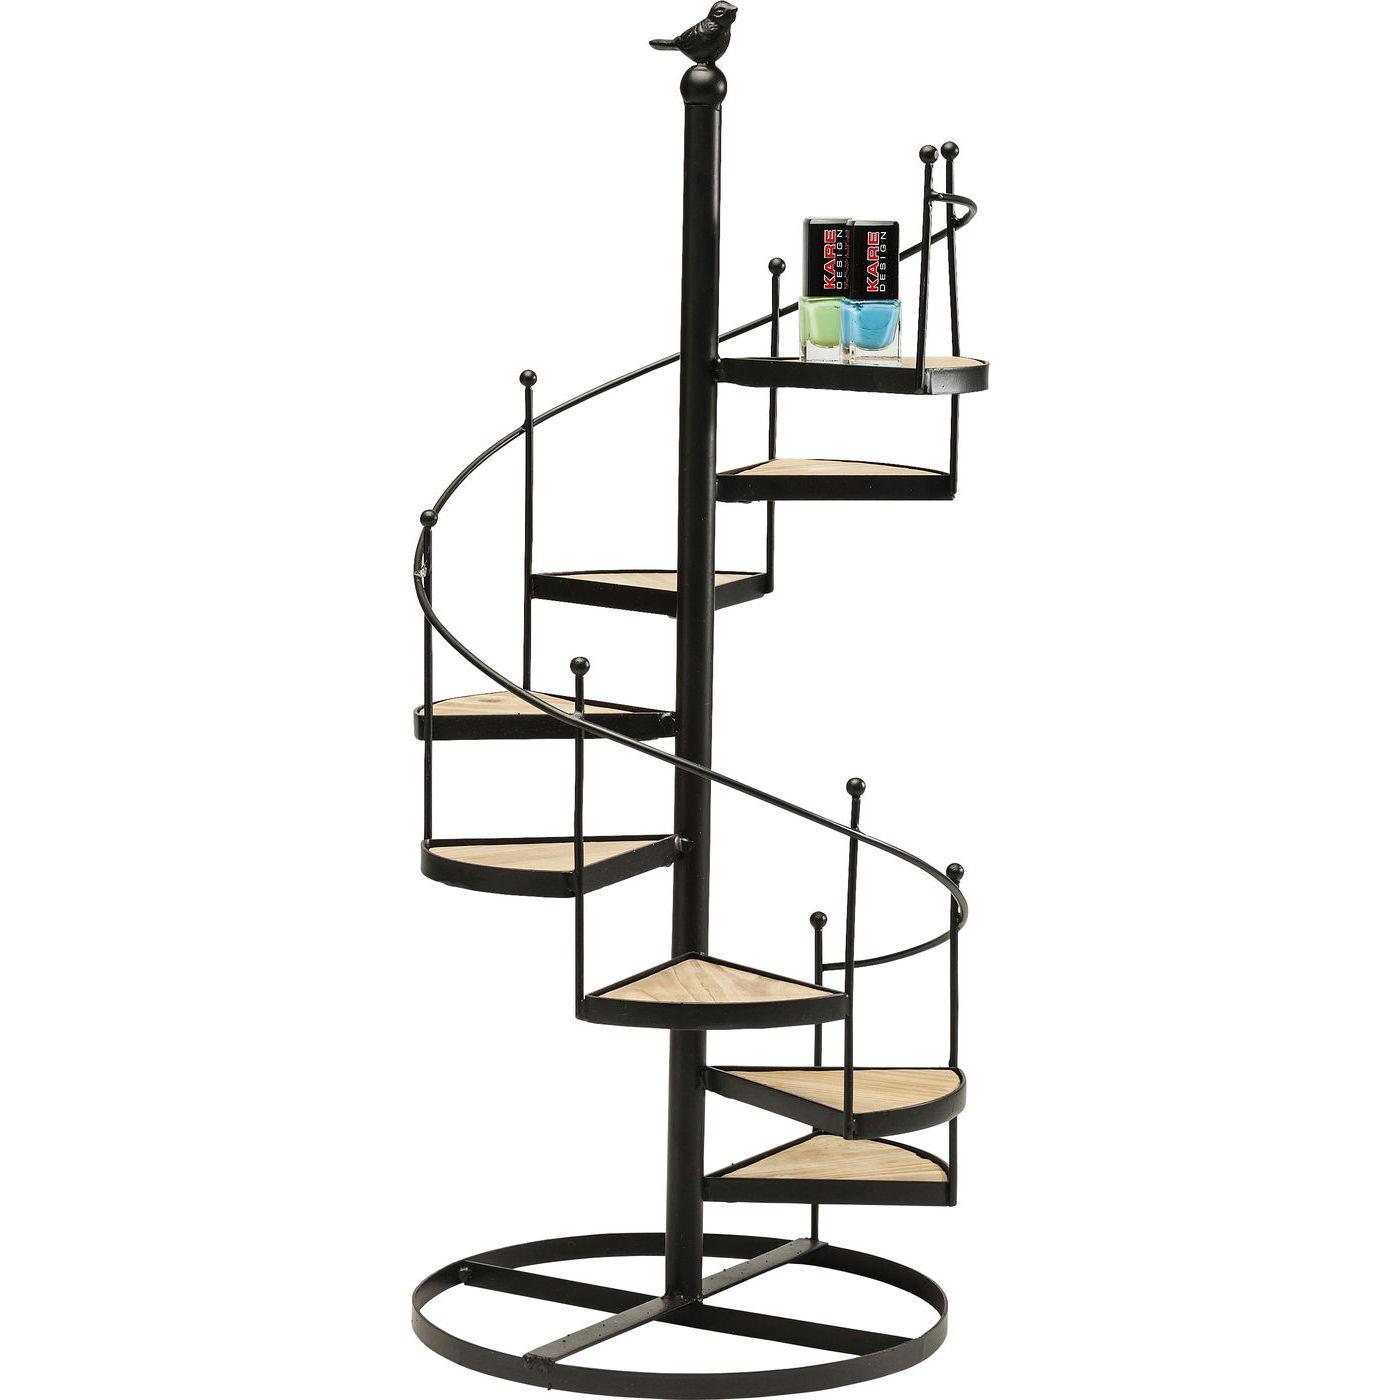 deko treppe spiral 57cm moebel. Black Bedroom Furniture Sets. Home Design Ideas